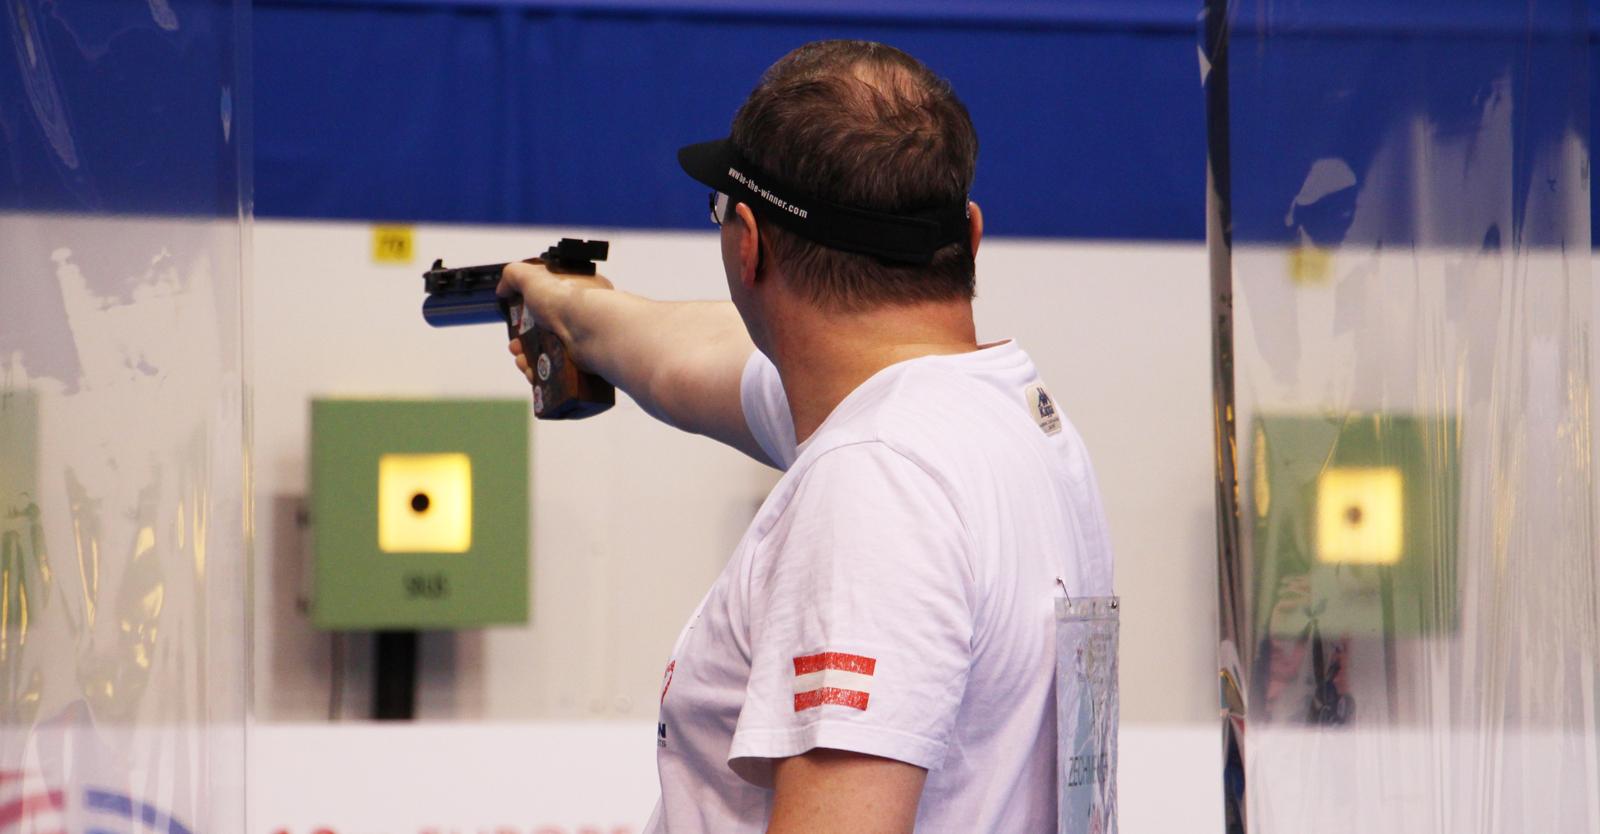 Richard Zechmeister im EM-Luftpistolenbewerb der Männer © Margit Melmer, ÖSB